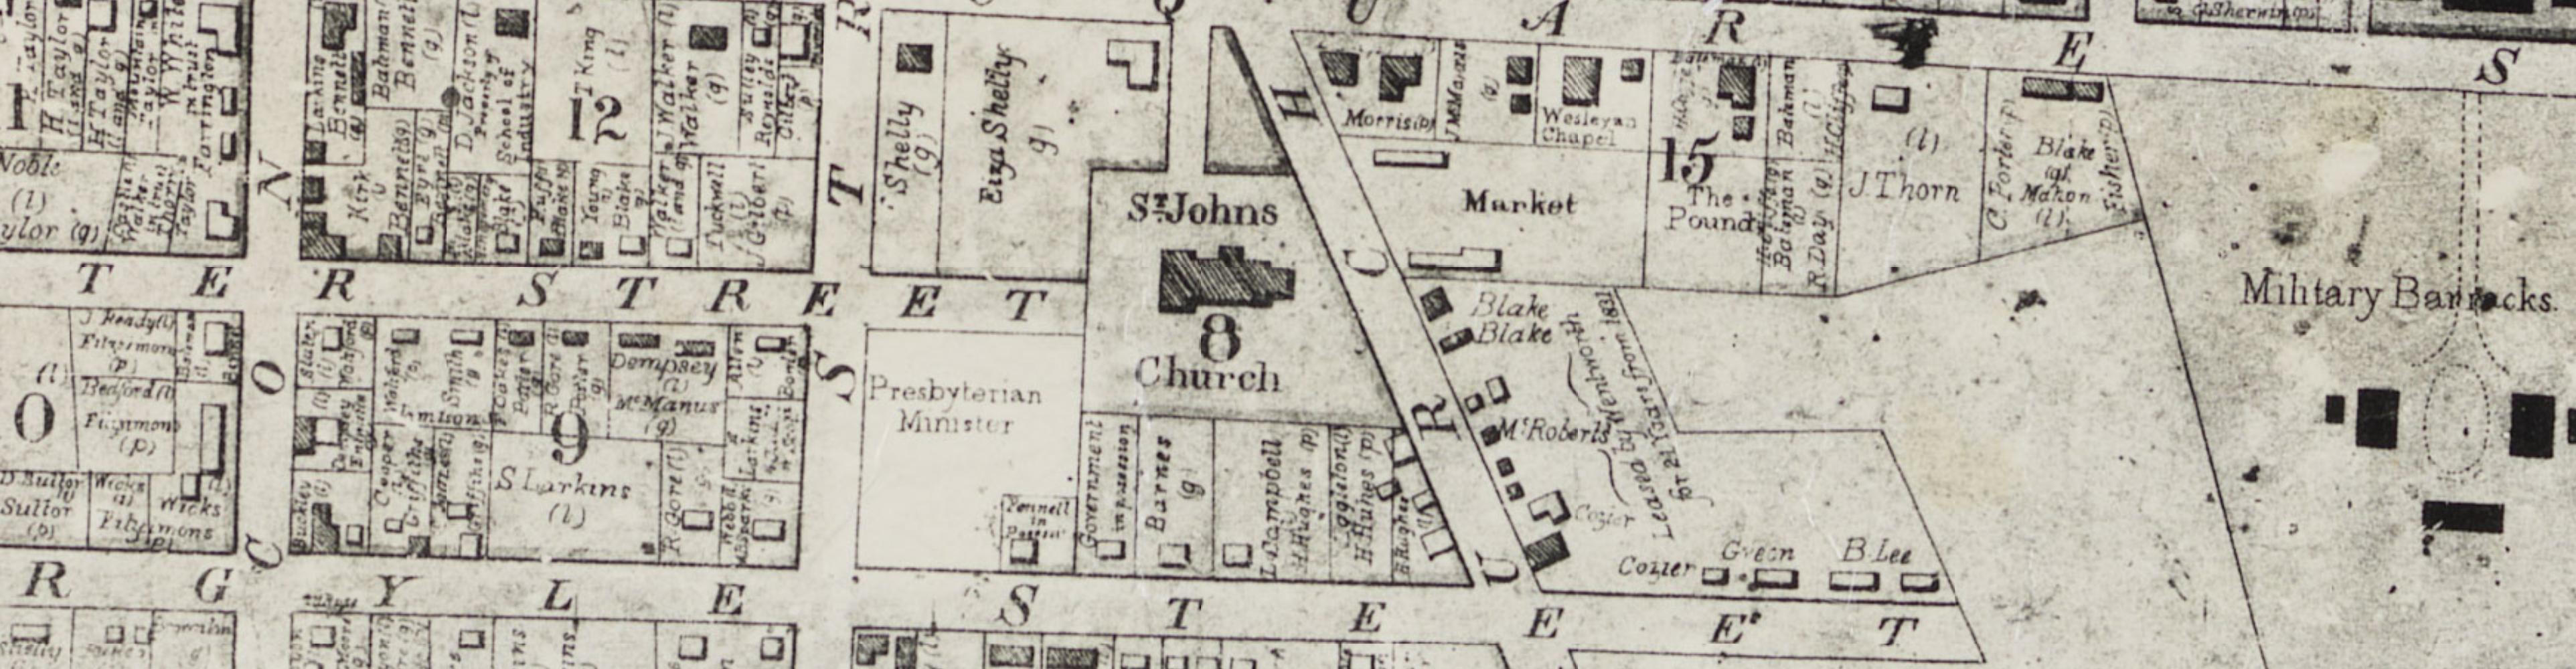 First Fleet convict Hugh Hughes's allotment, Parramatta. Old Parramatta.